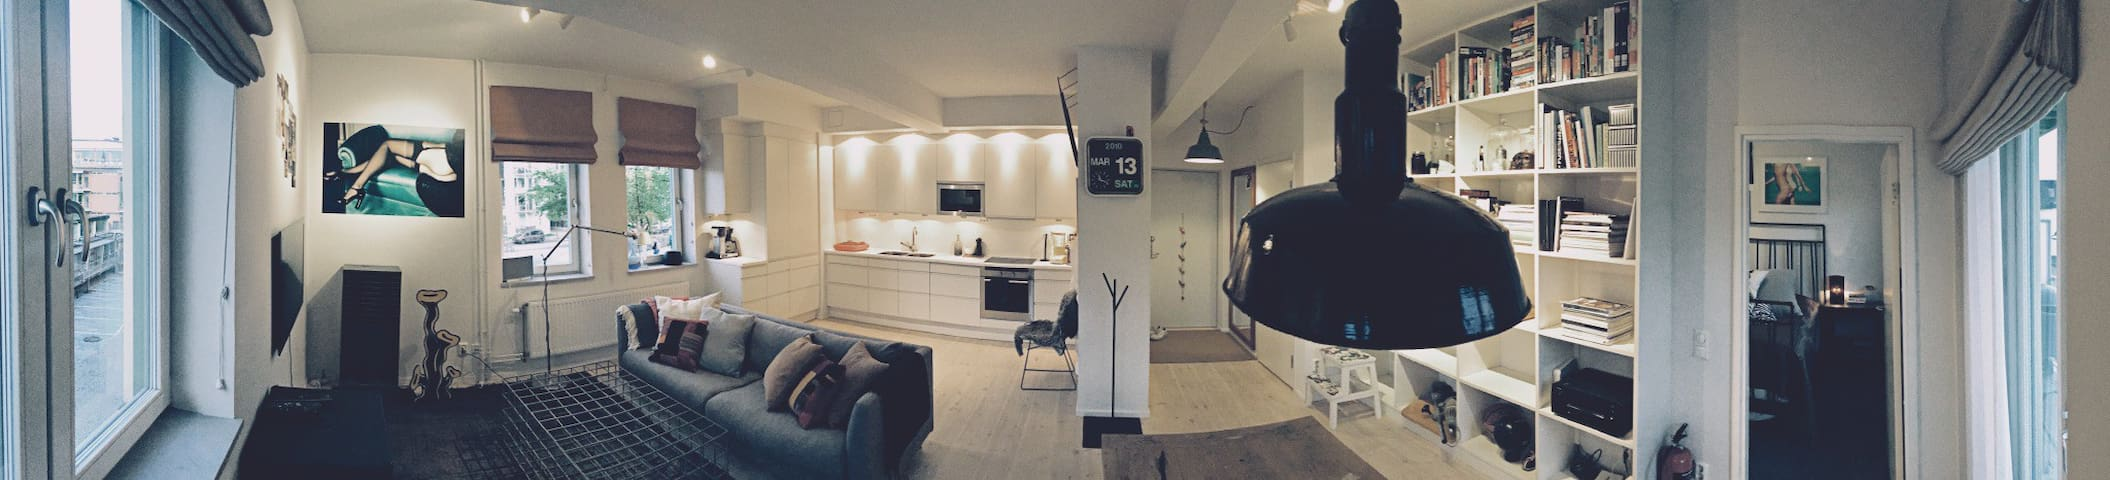 Modern spacious studio apartment